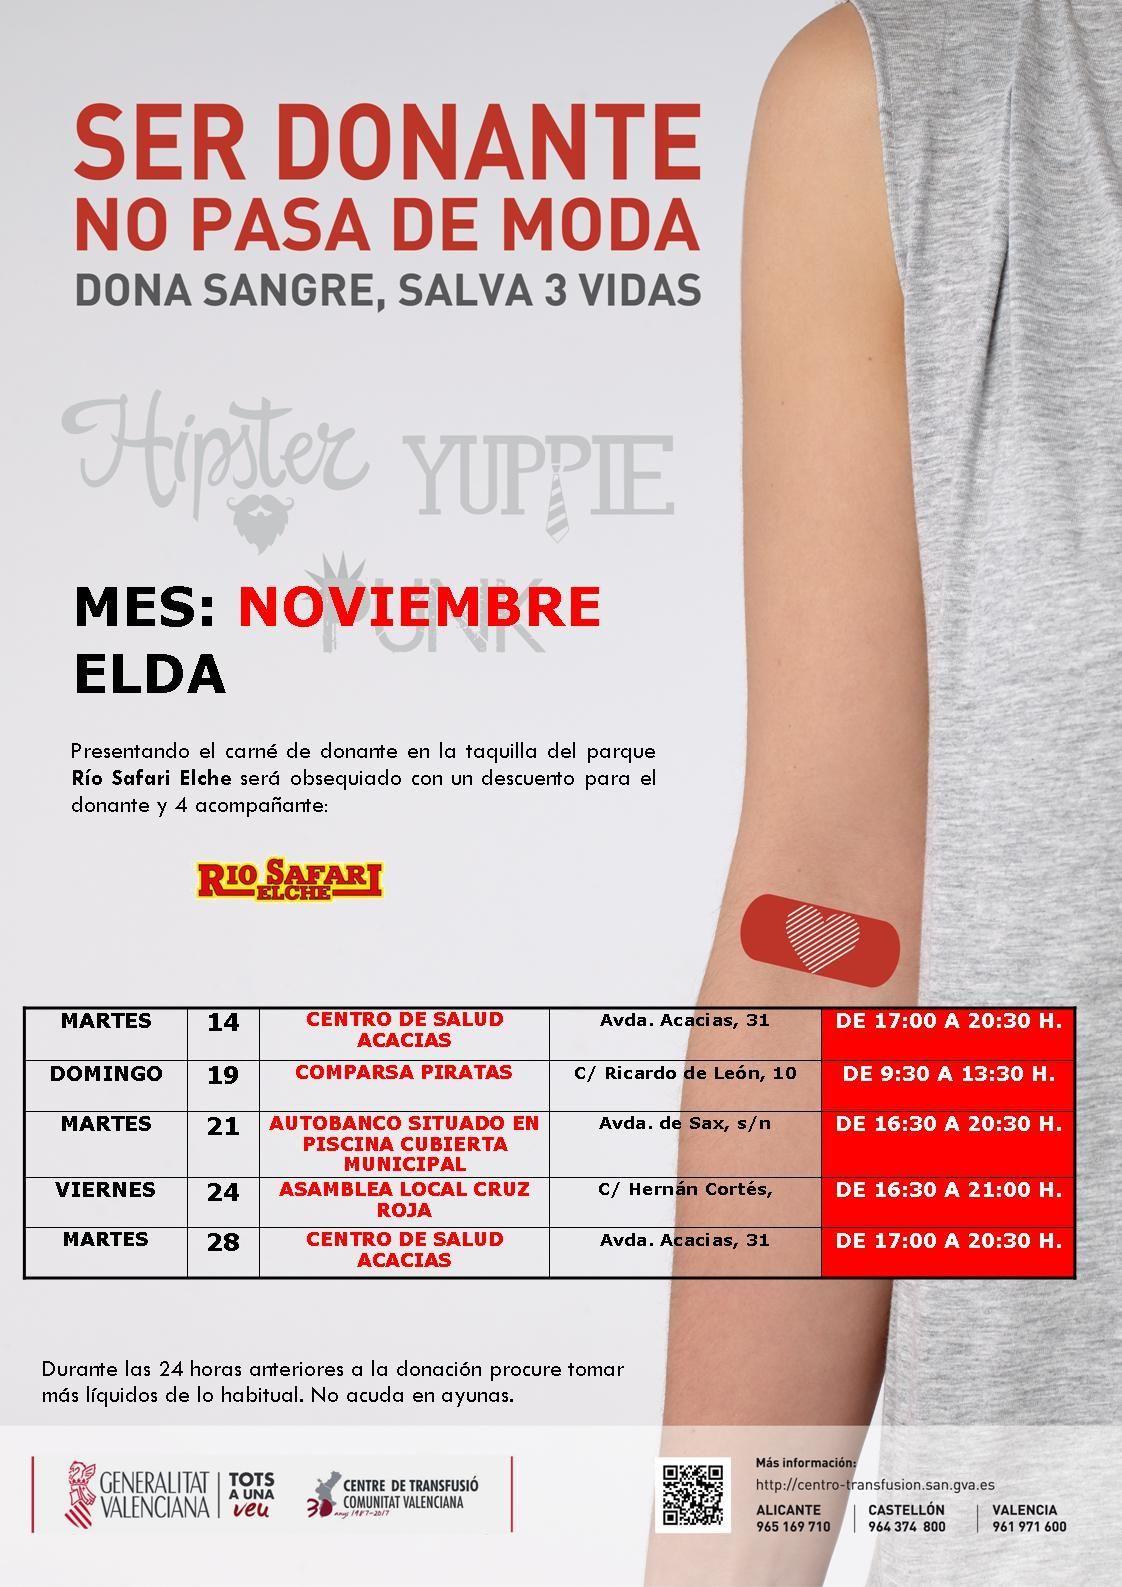 Donaciones de sangre en el mes de noviembre en elda valle de elda - Mes noviembre 2017 ...